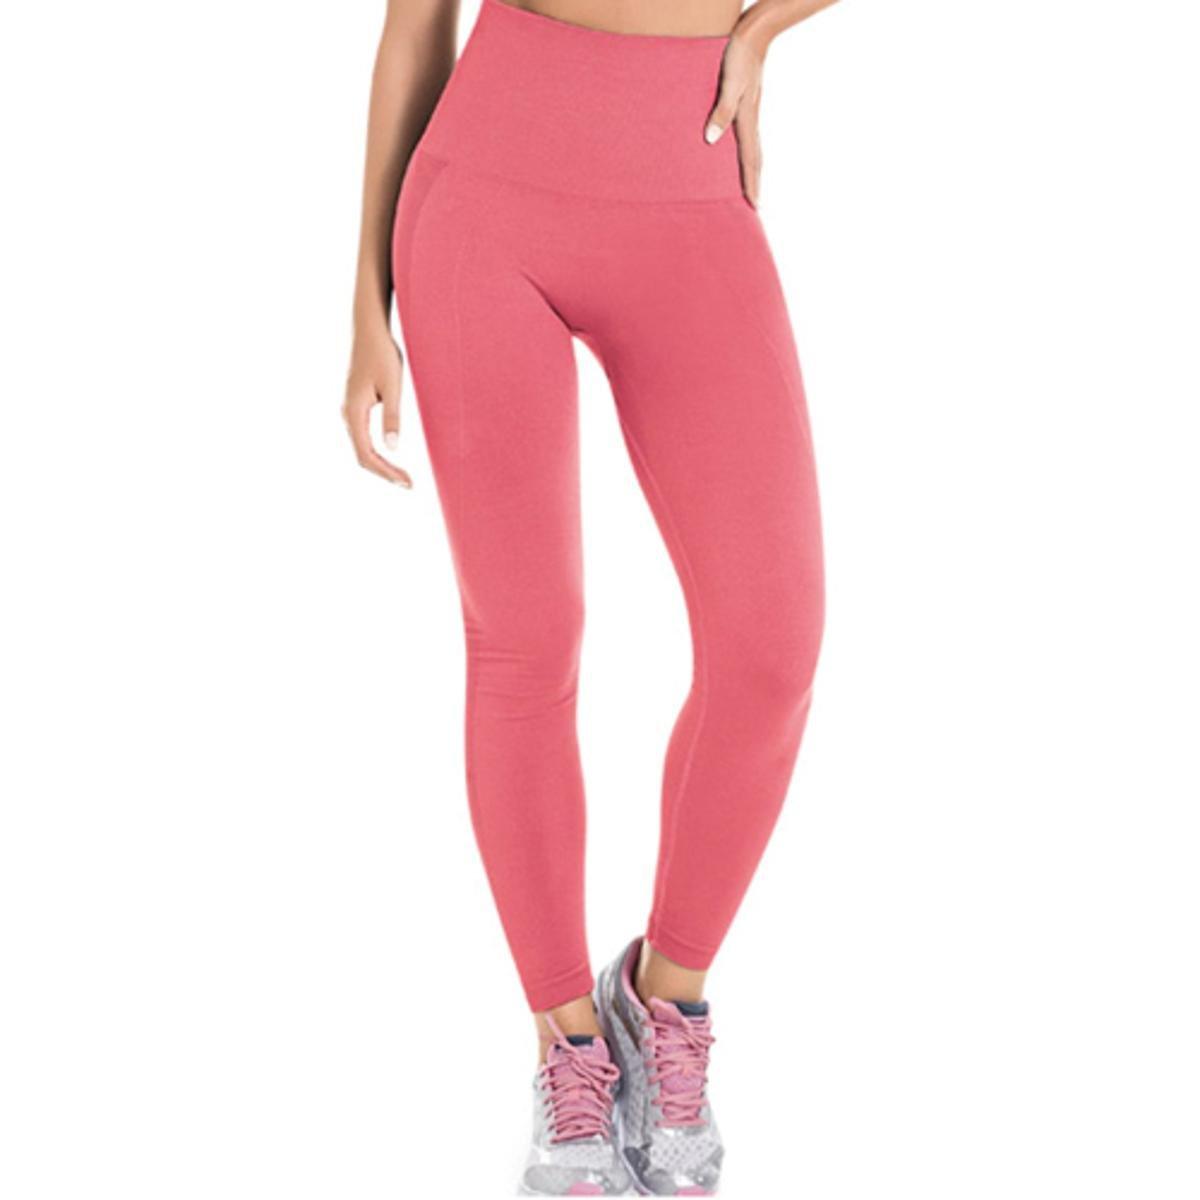 Modeladora Legging Sem Costura Calça Calça Rosa Legging pOxSnwqW6f